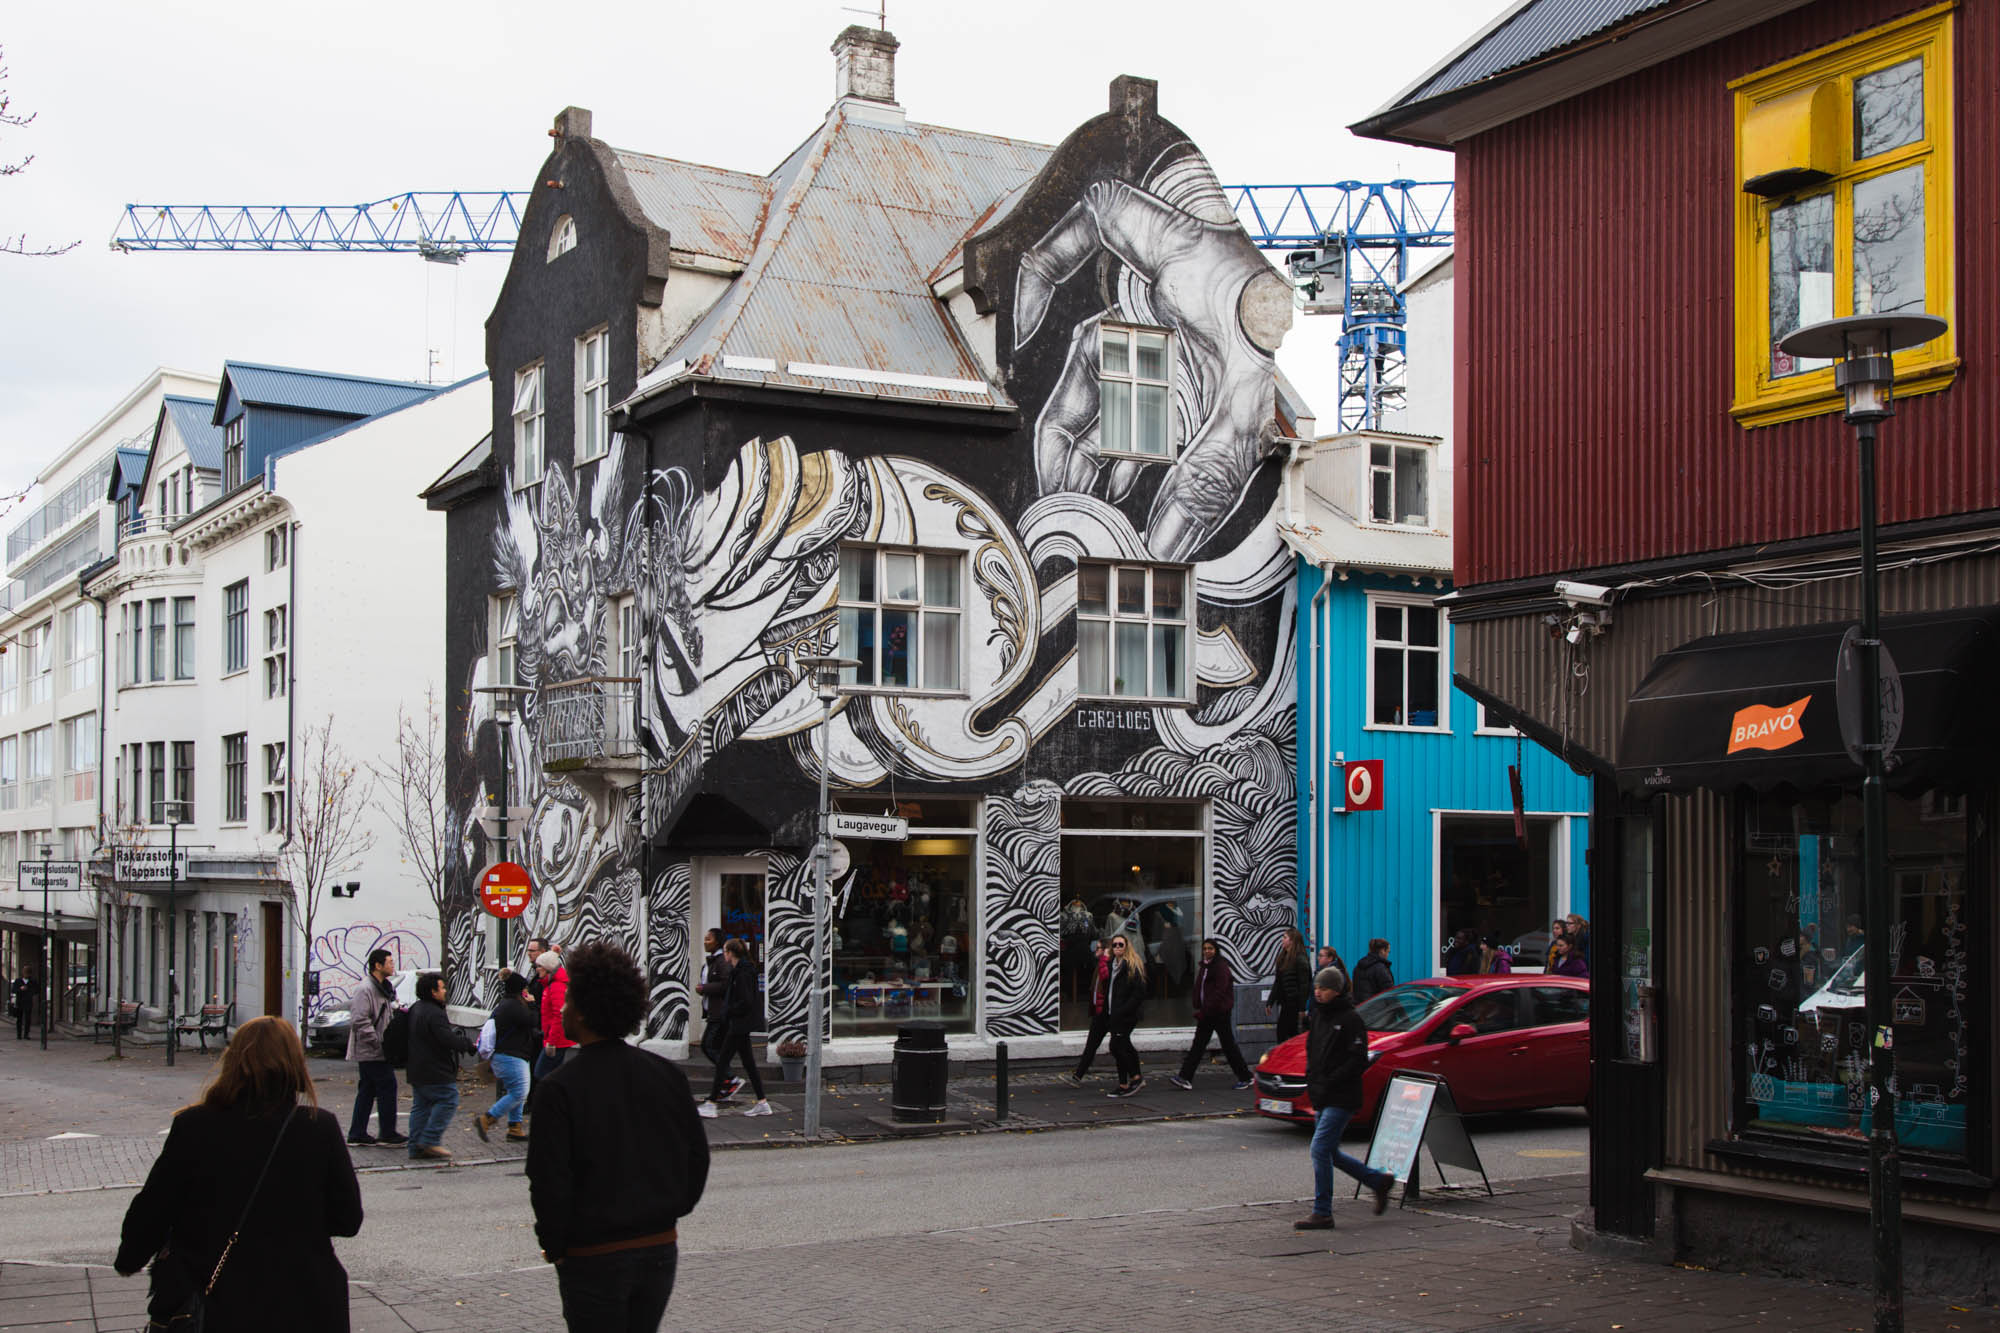 House at Laugavegur Reykjavík